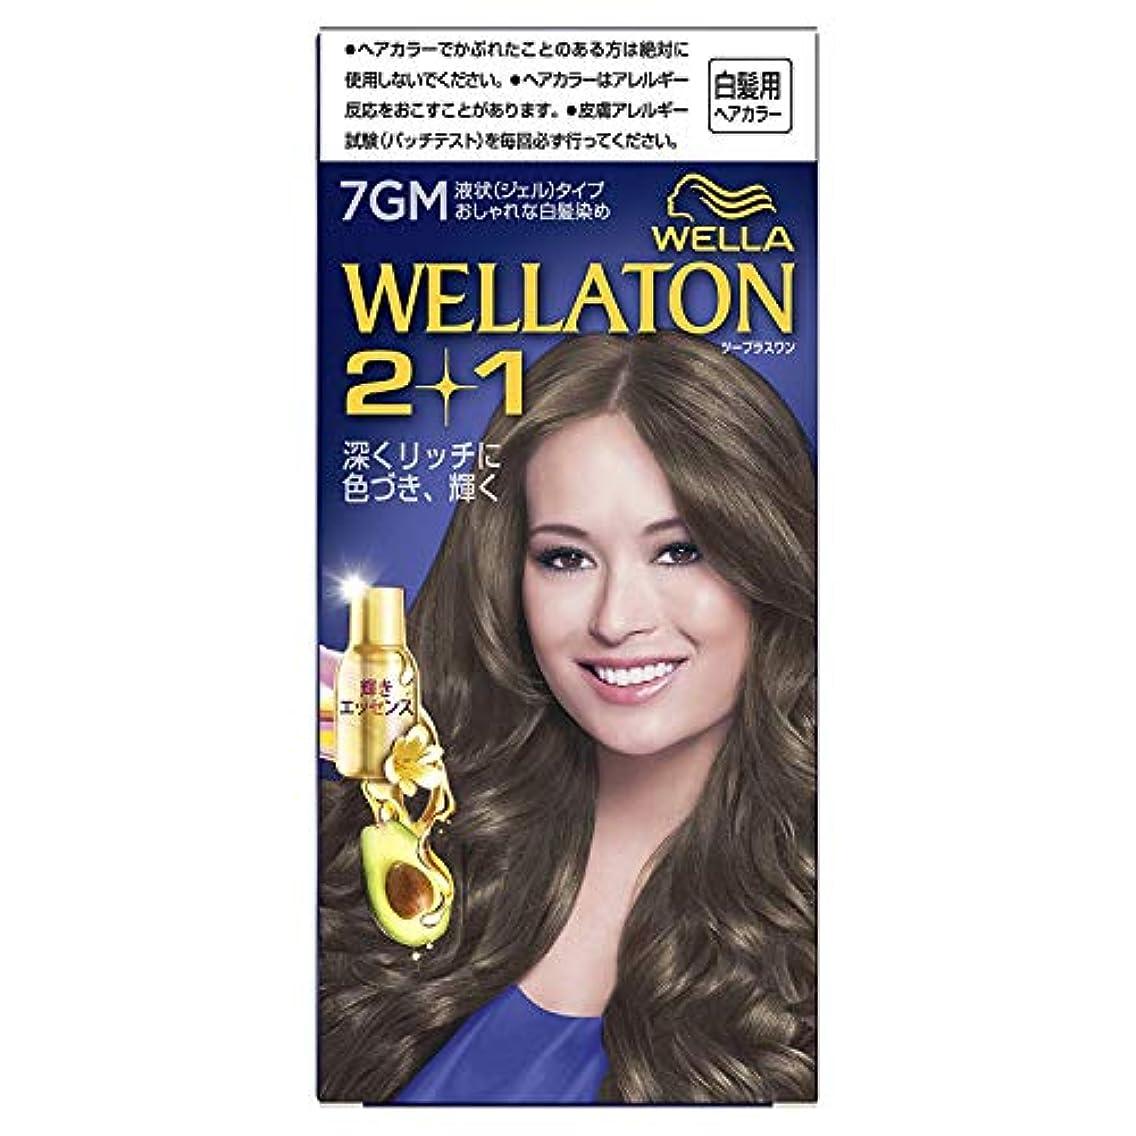 ウエラトーン2+1 液状タイプ 7GM [医薬部外品] ×3個